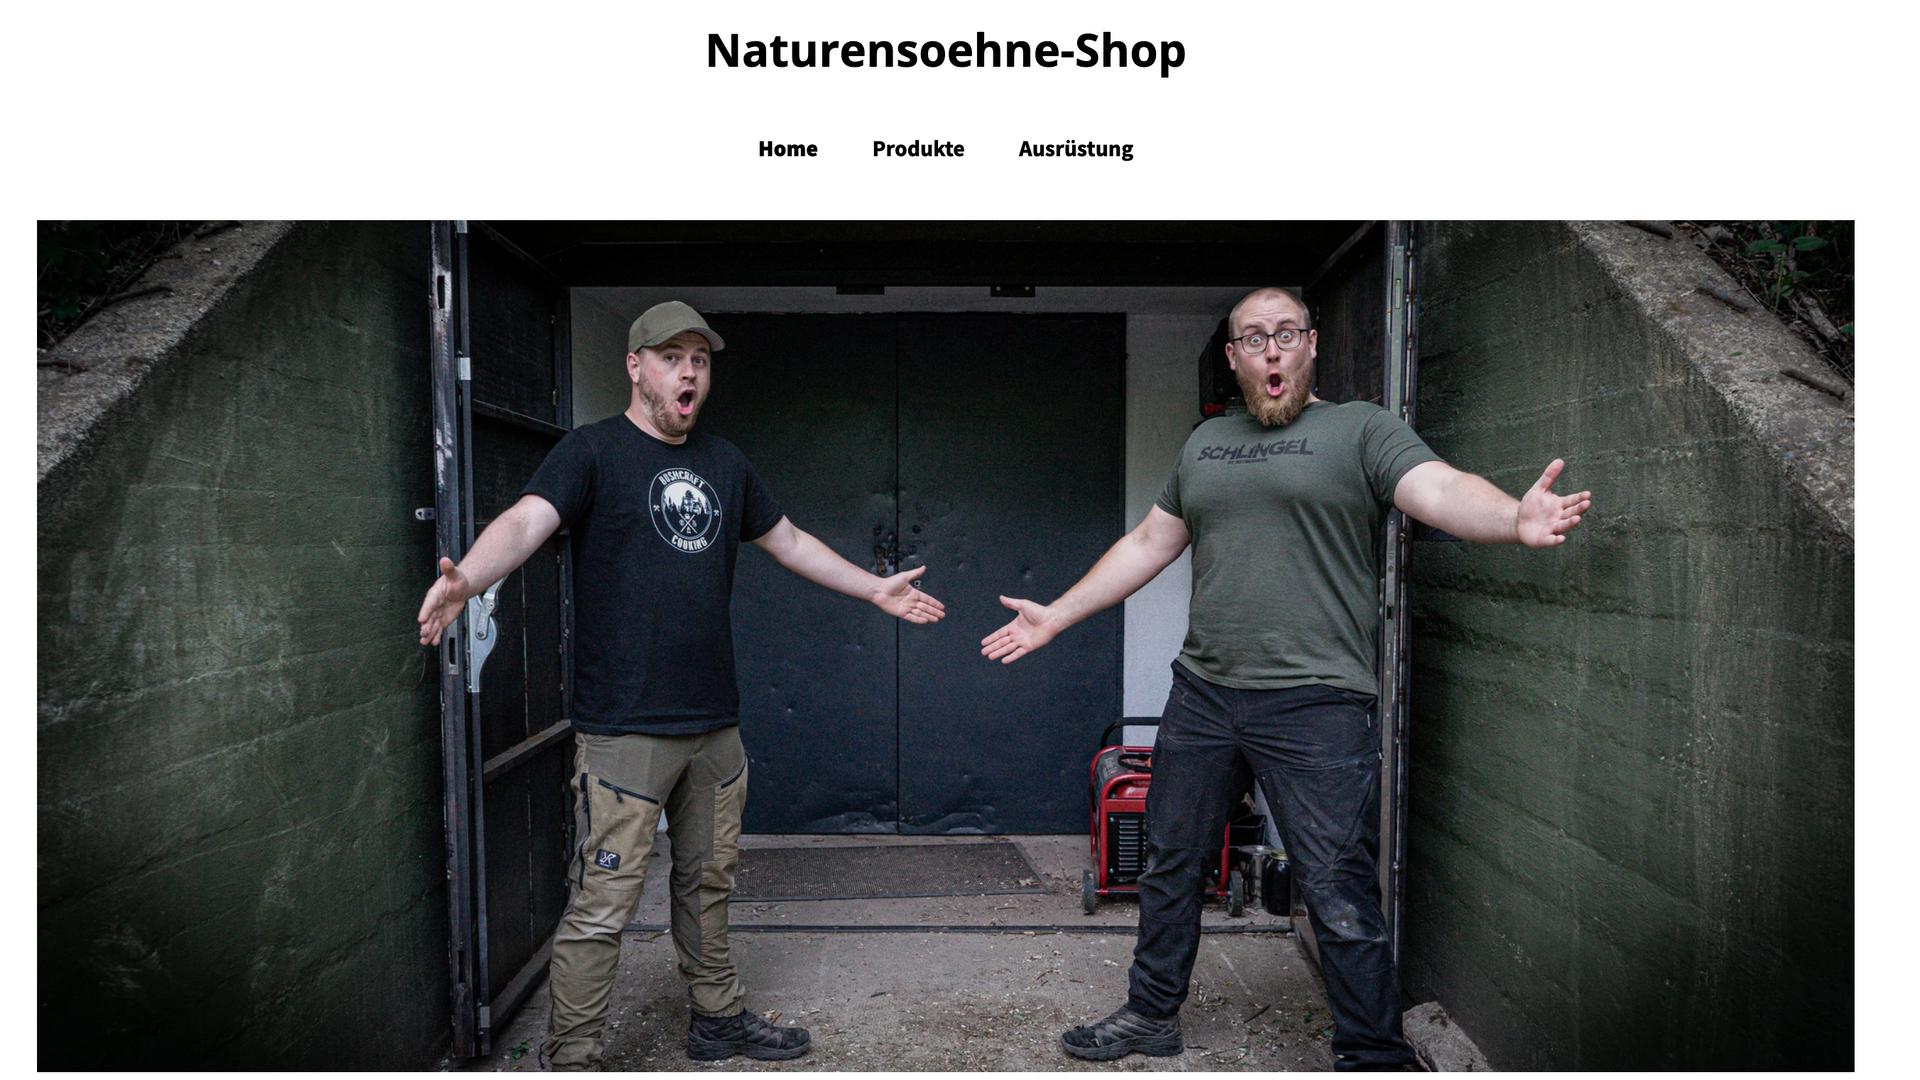 Naturensöhne Shop